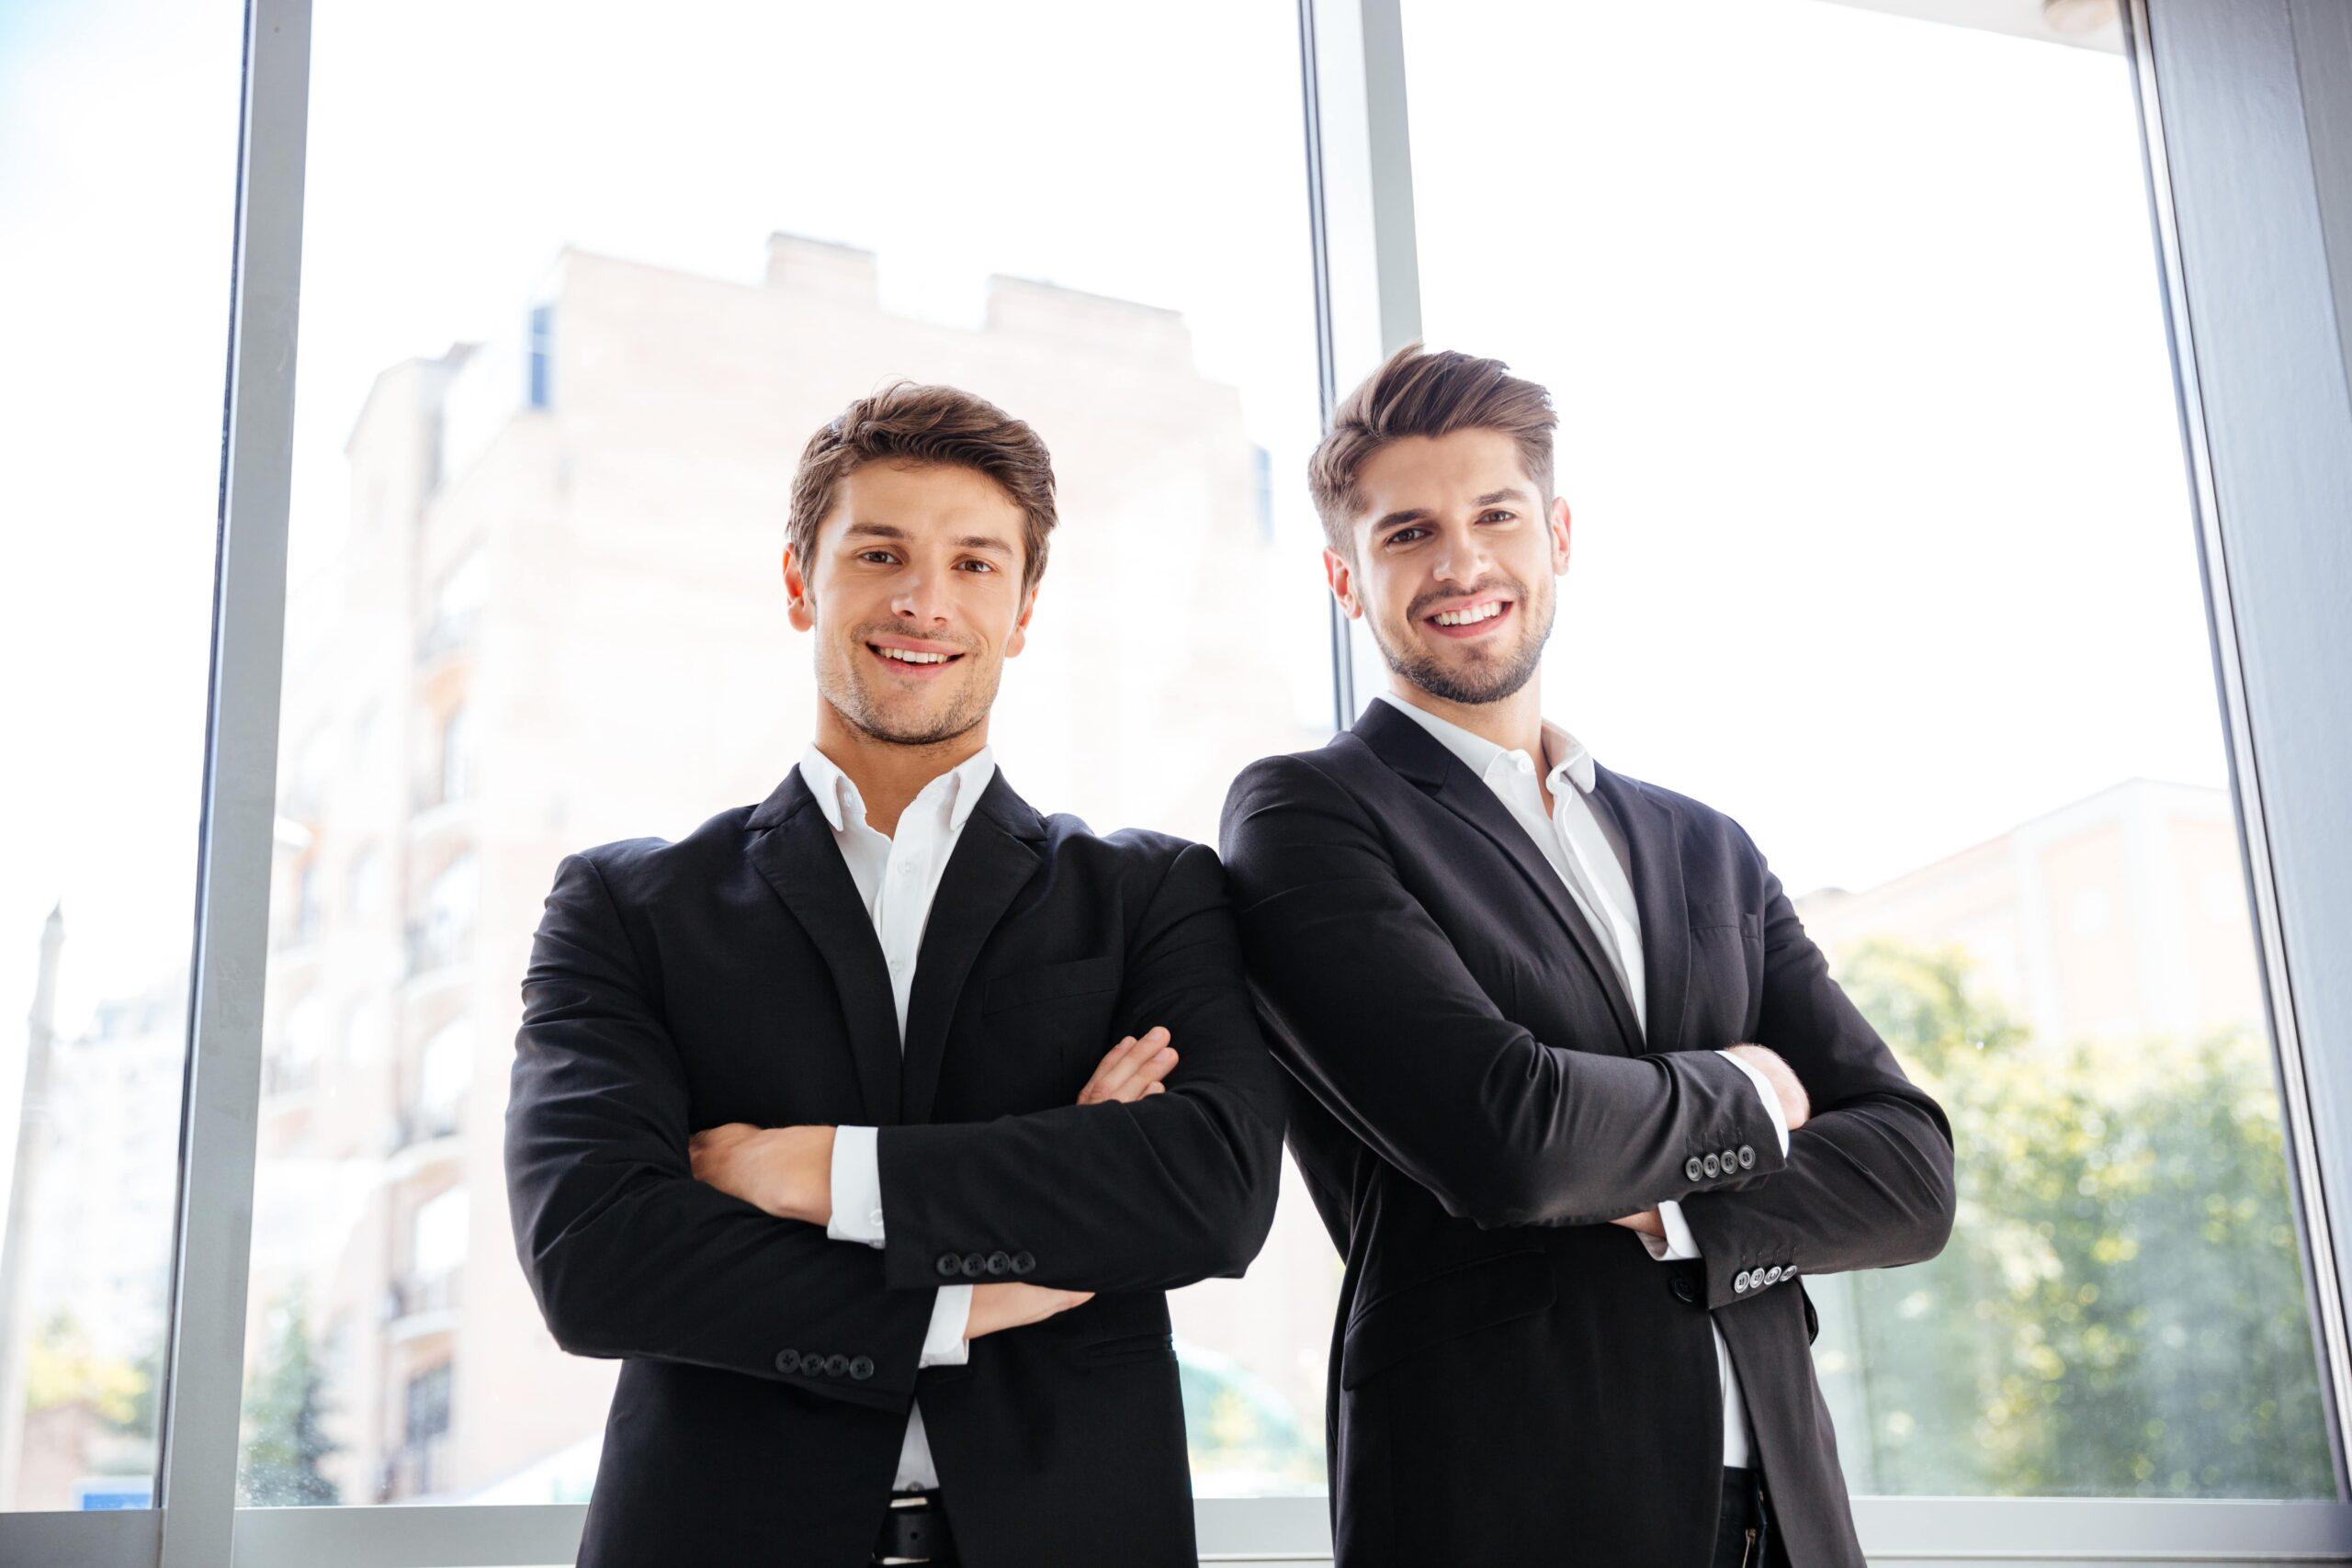 Geschäftspartnerschaft eingehen: Ja oder nein?